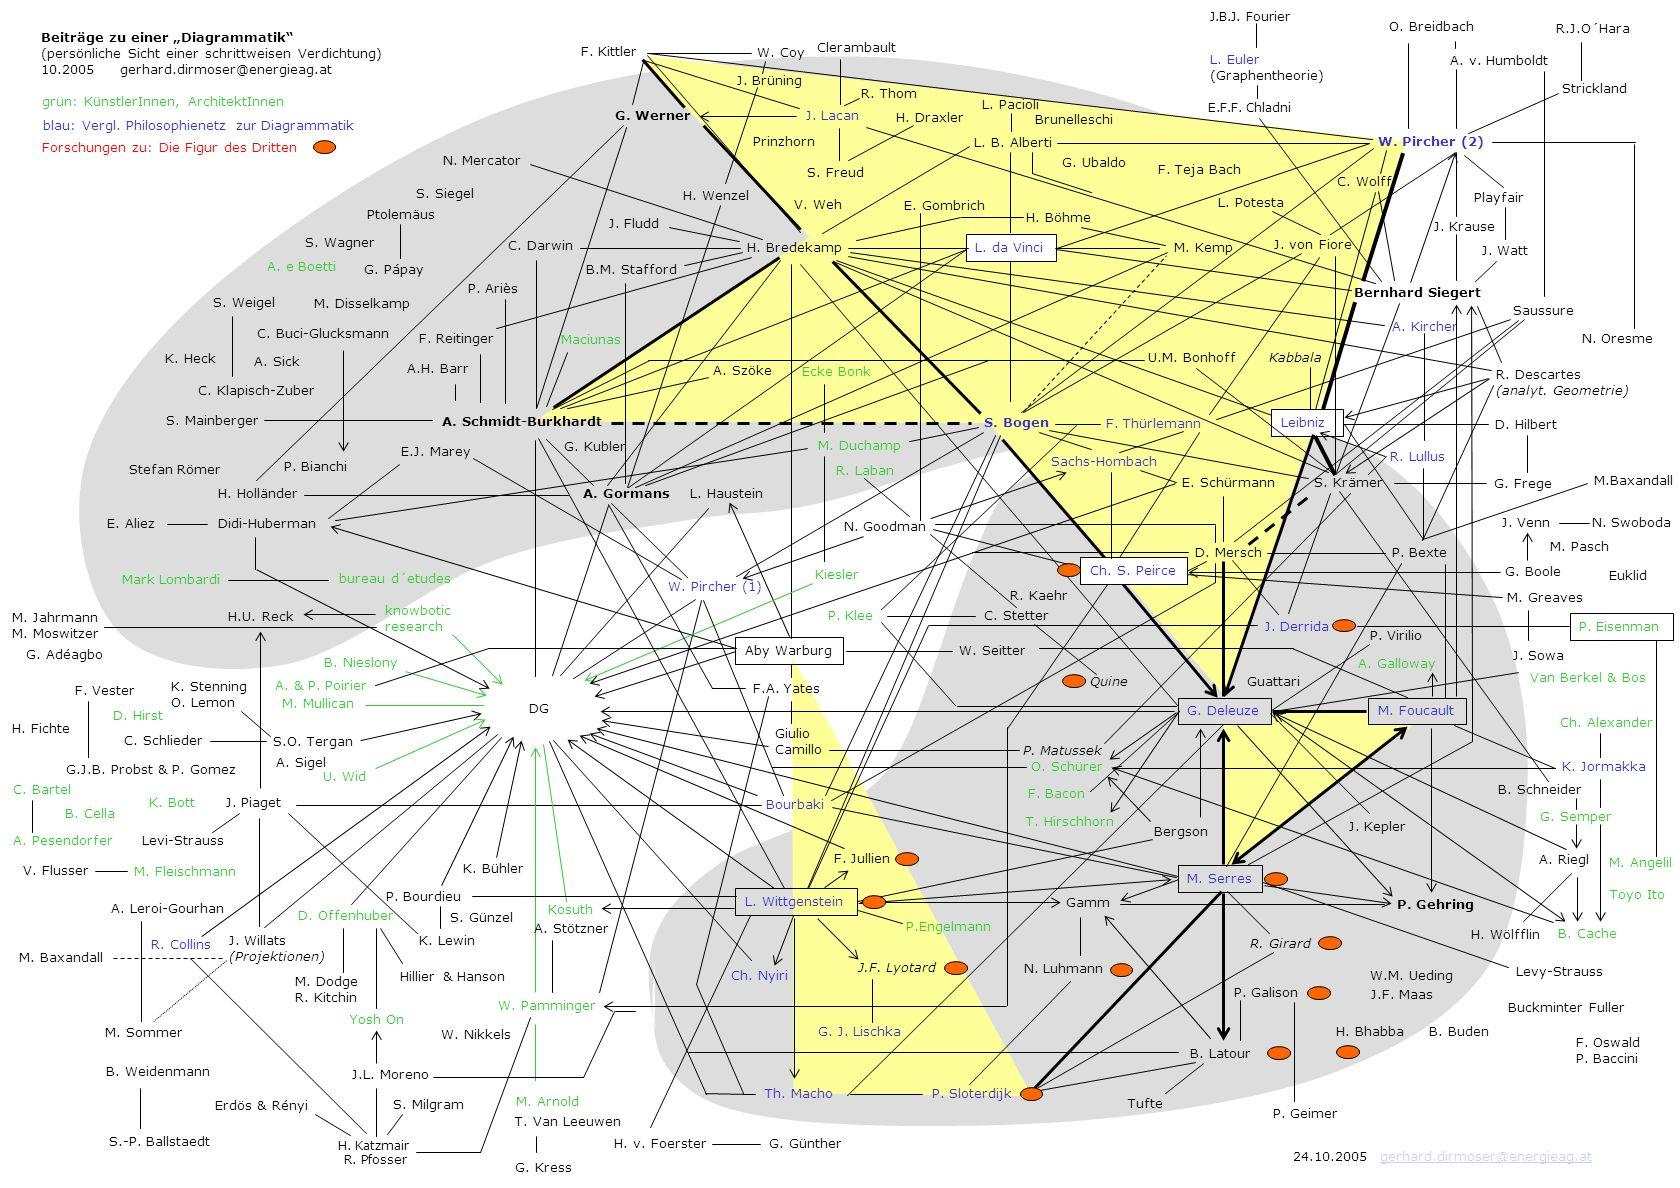 DG Aby Warburg A. Schmidt-Burkhardt H. Bredekamp S. Bogen F. Thürlemann C. Darwin L. Wittgenstein G. Deleuze W. Pircher (1) Bourbaki J. Piaget H.U. Re